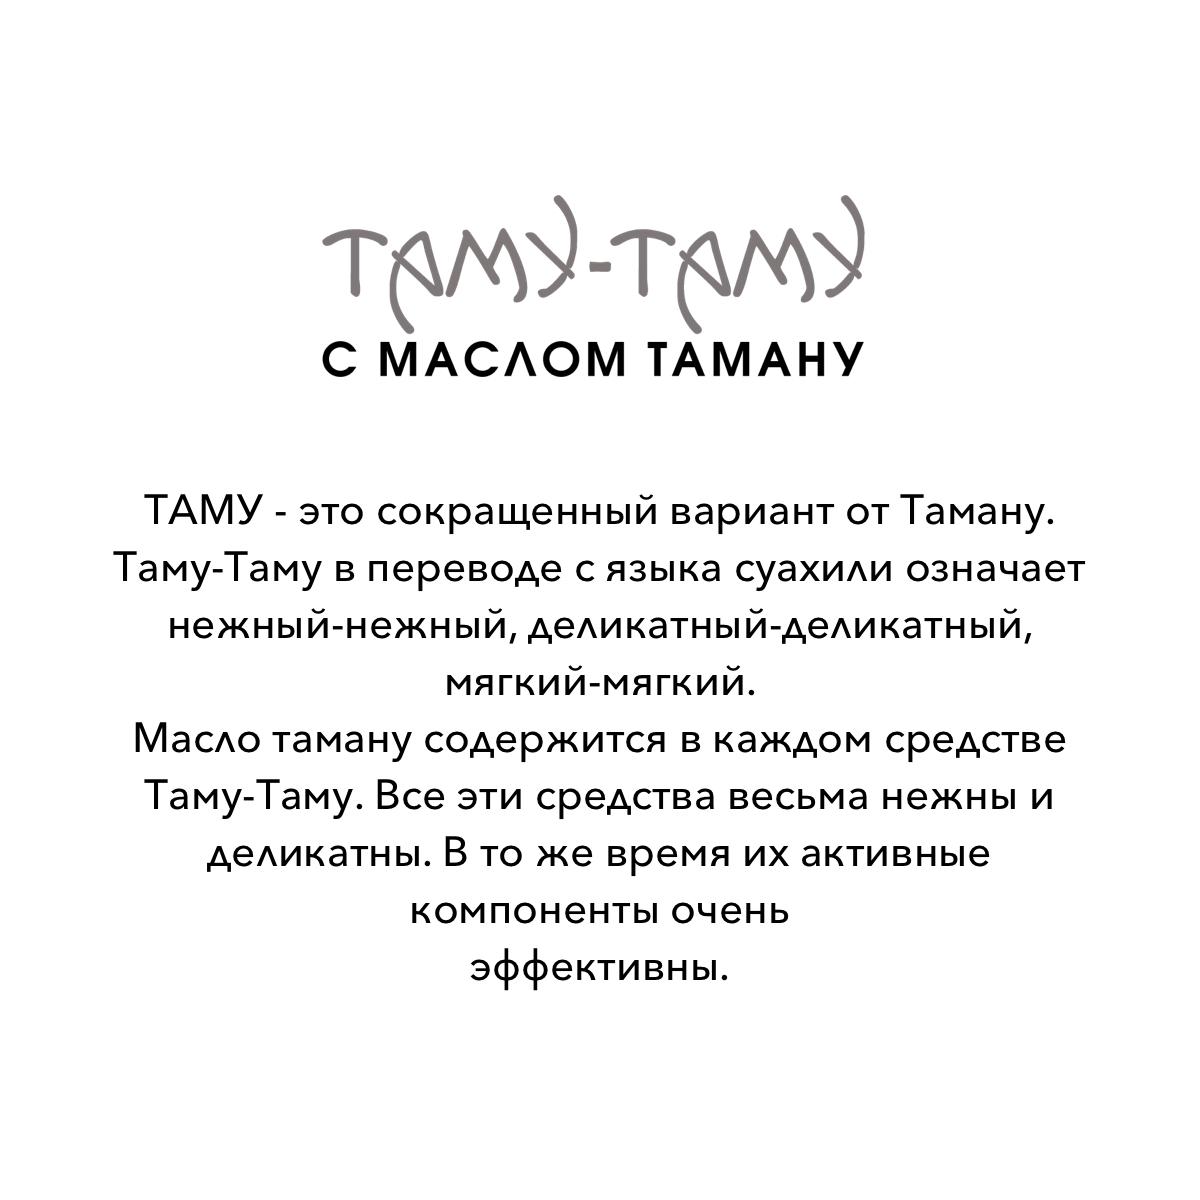 Масло Таману 100% Таму-Таму 15 мл